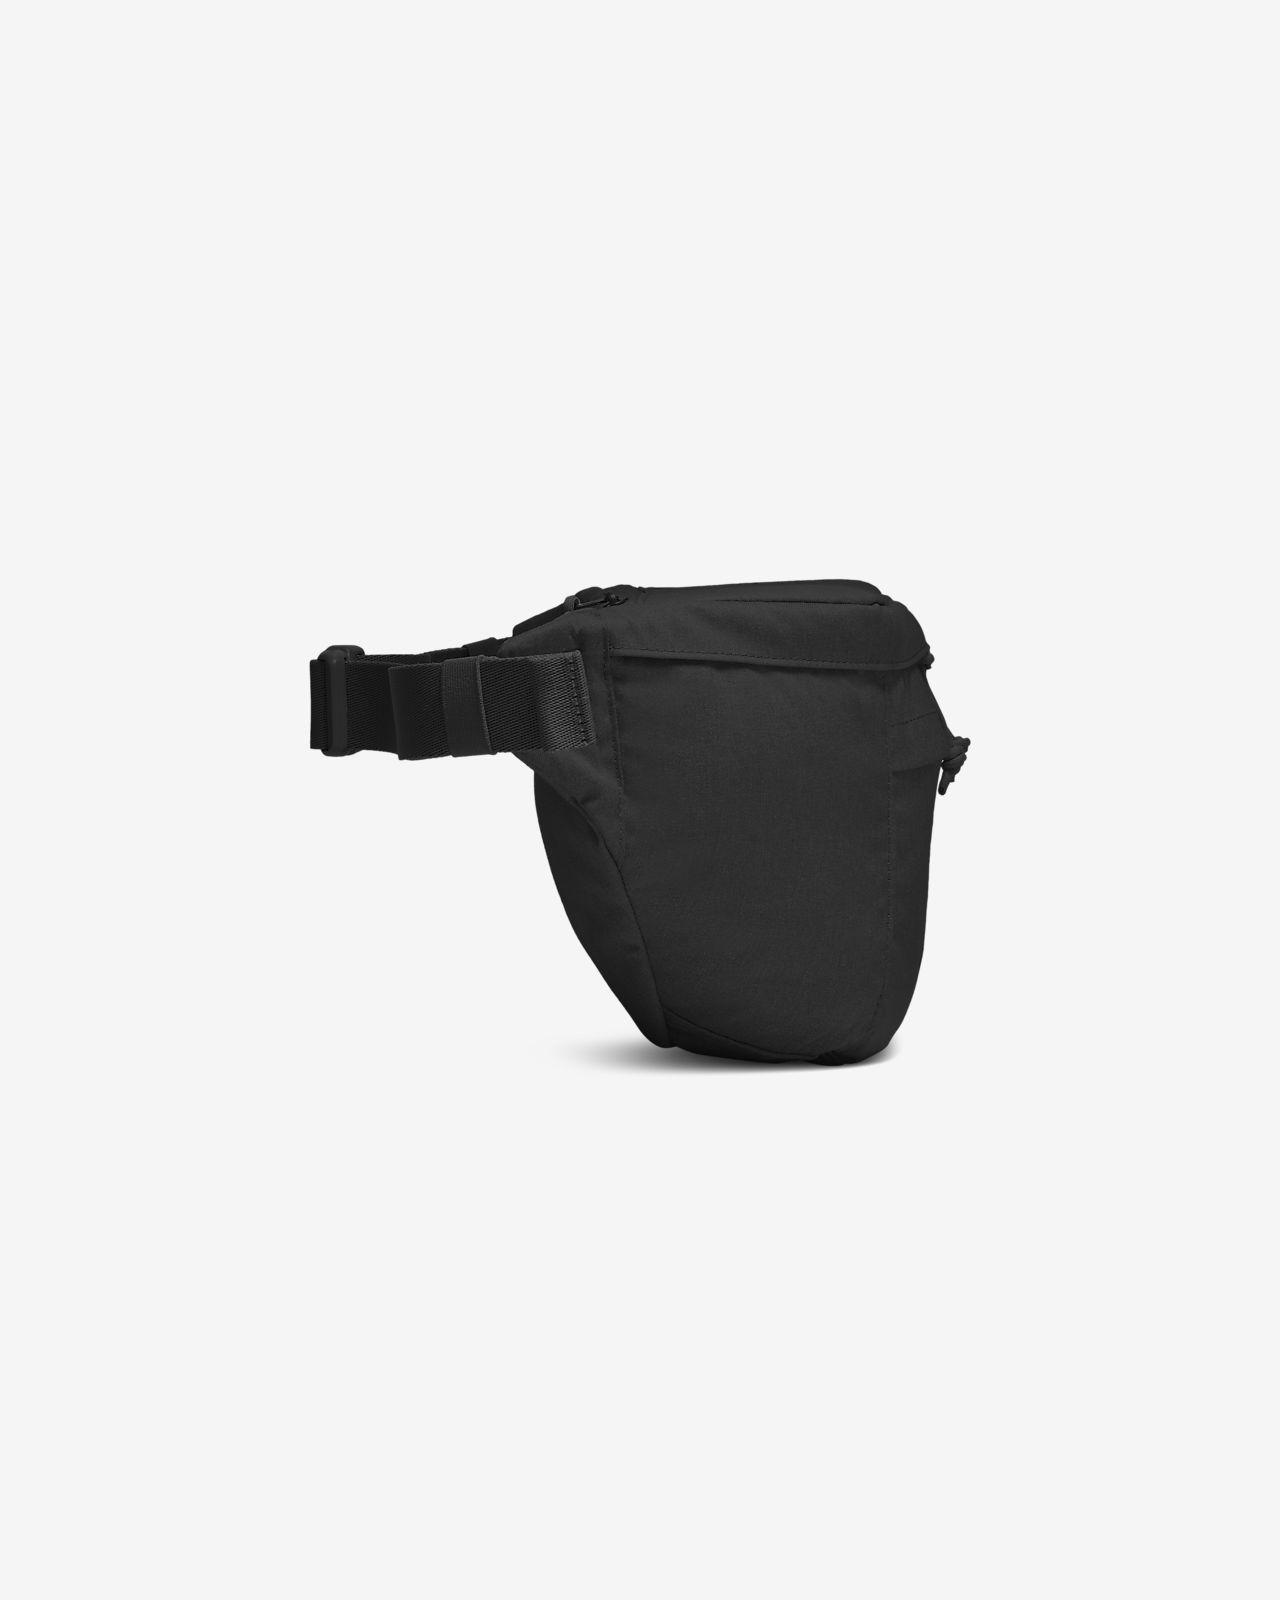 cf8c3bc5 Low Resolution Поясная сумка Nike Tech Поясная сумка Nike Tech